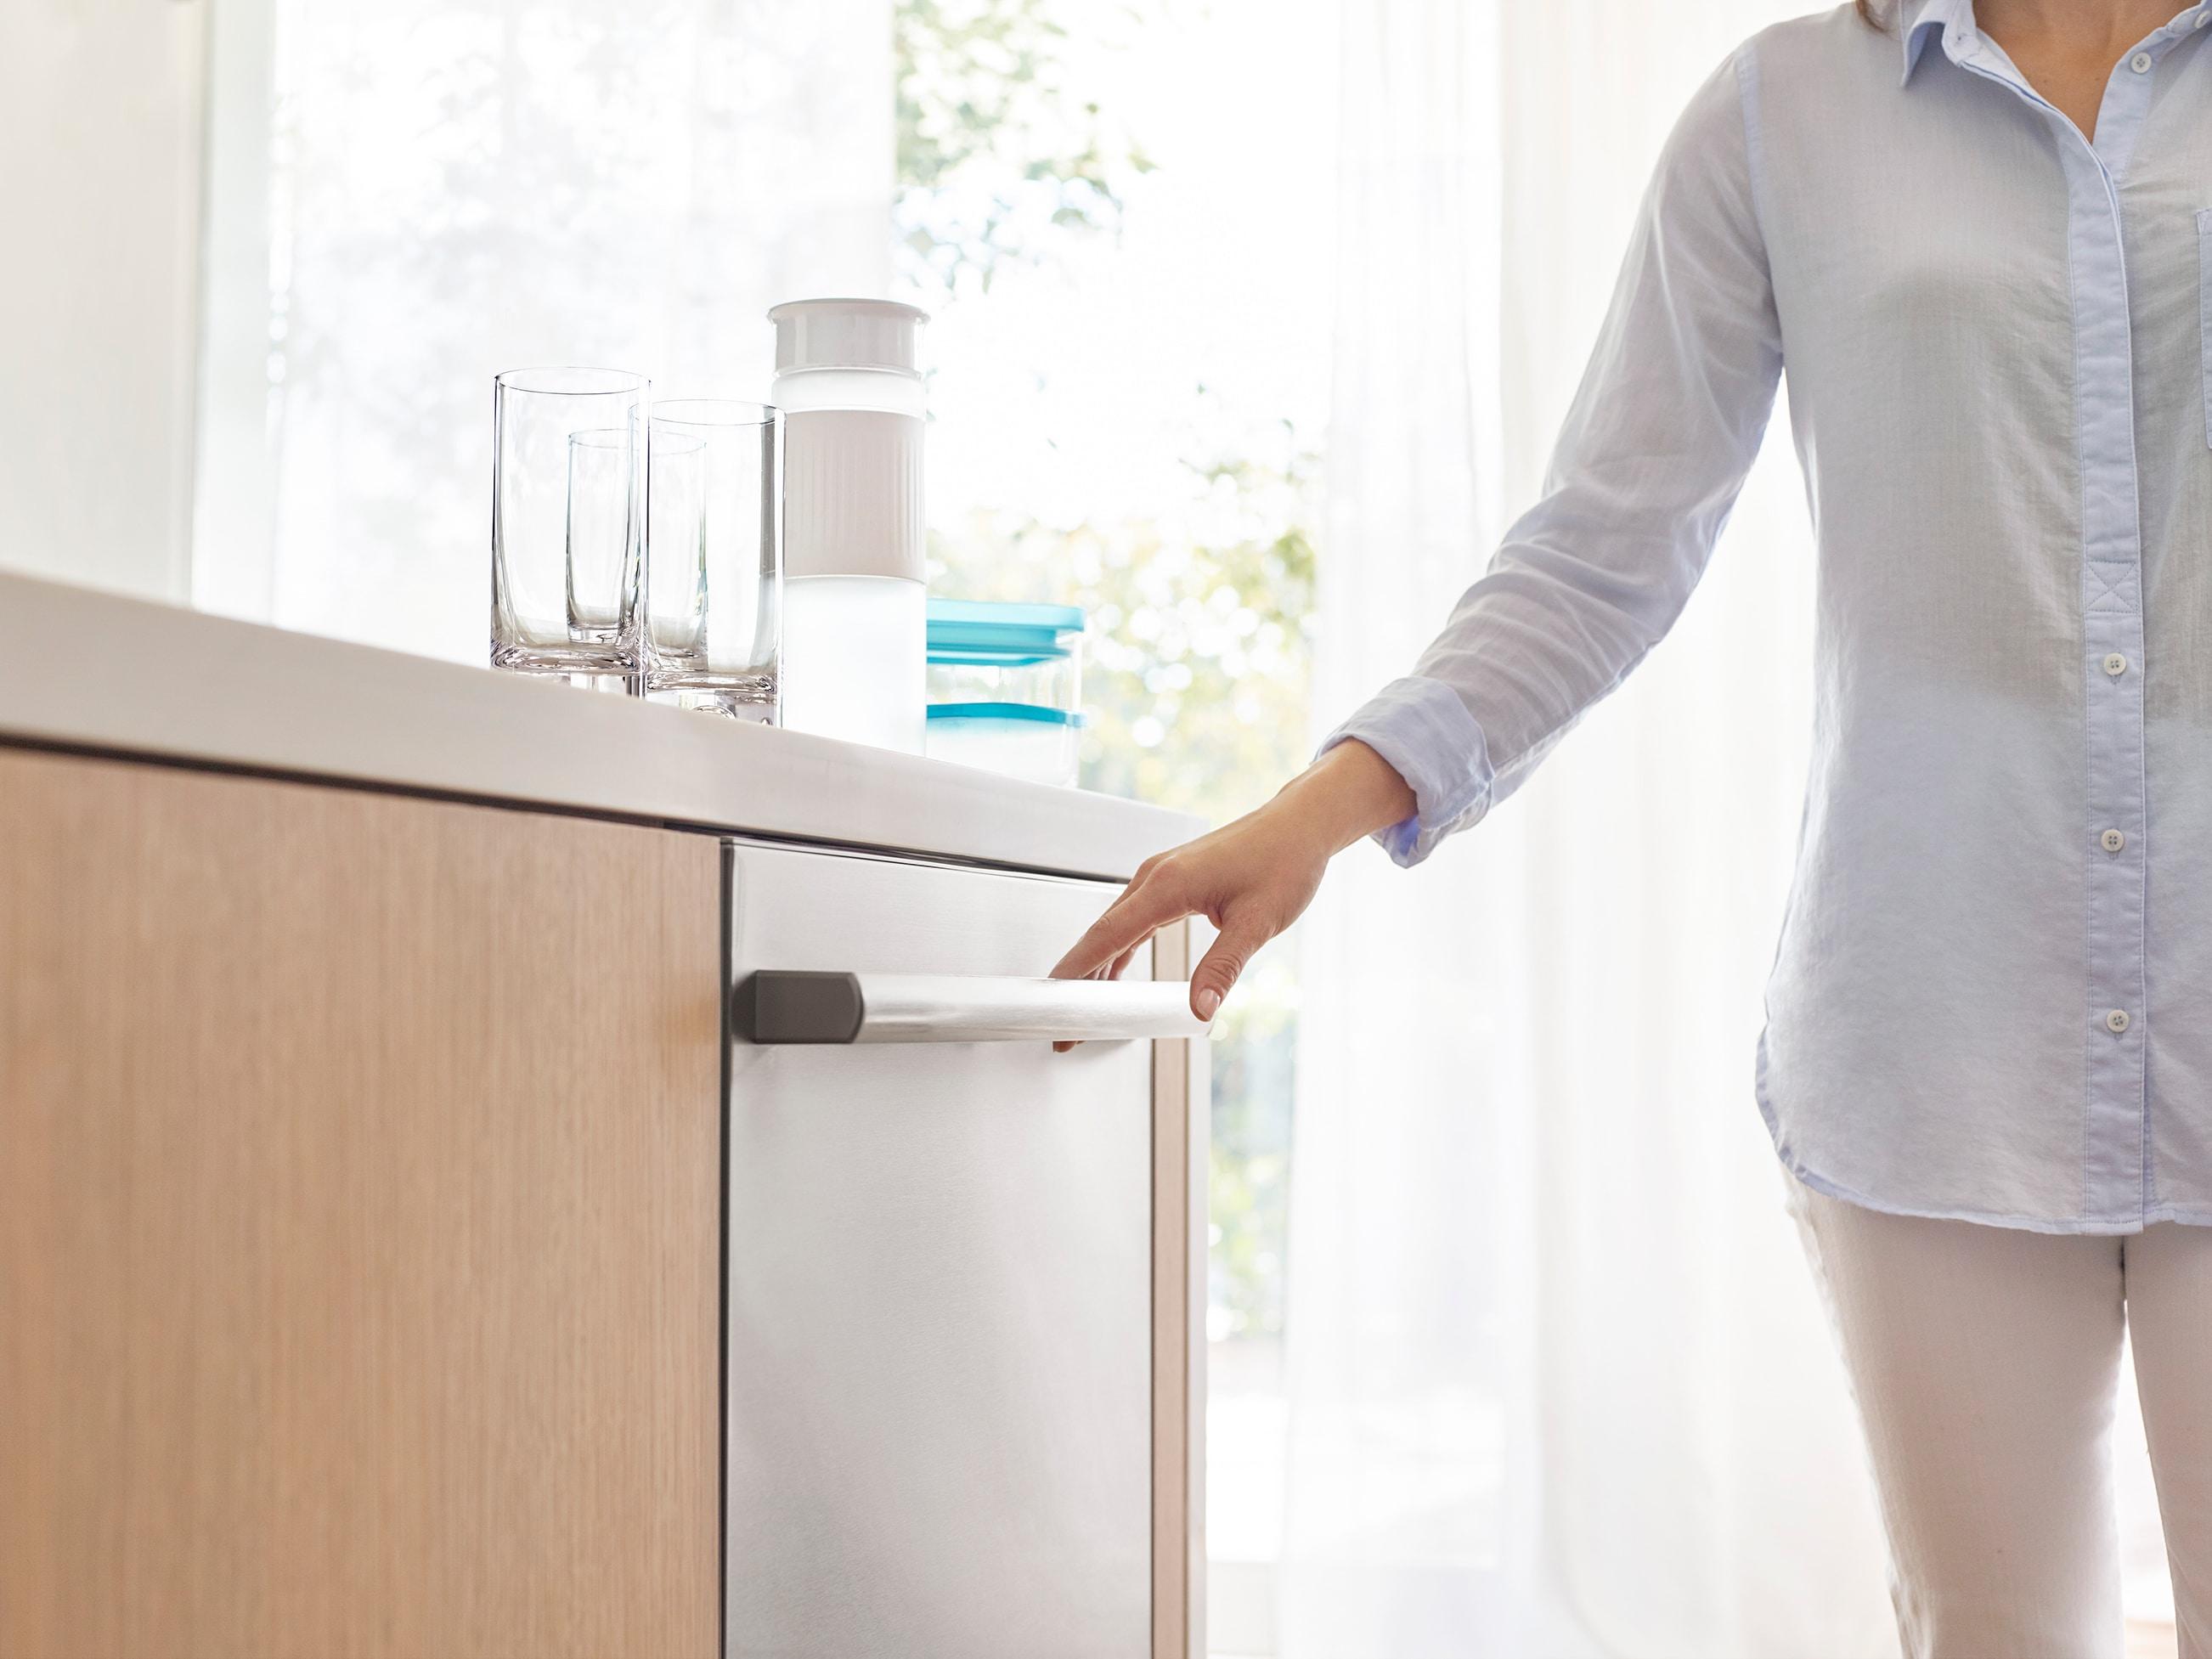 Bosch 800 Series Dishwasher